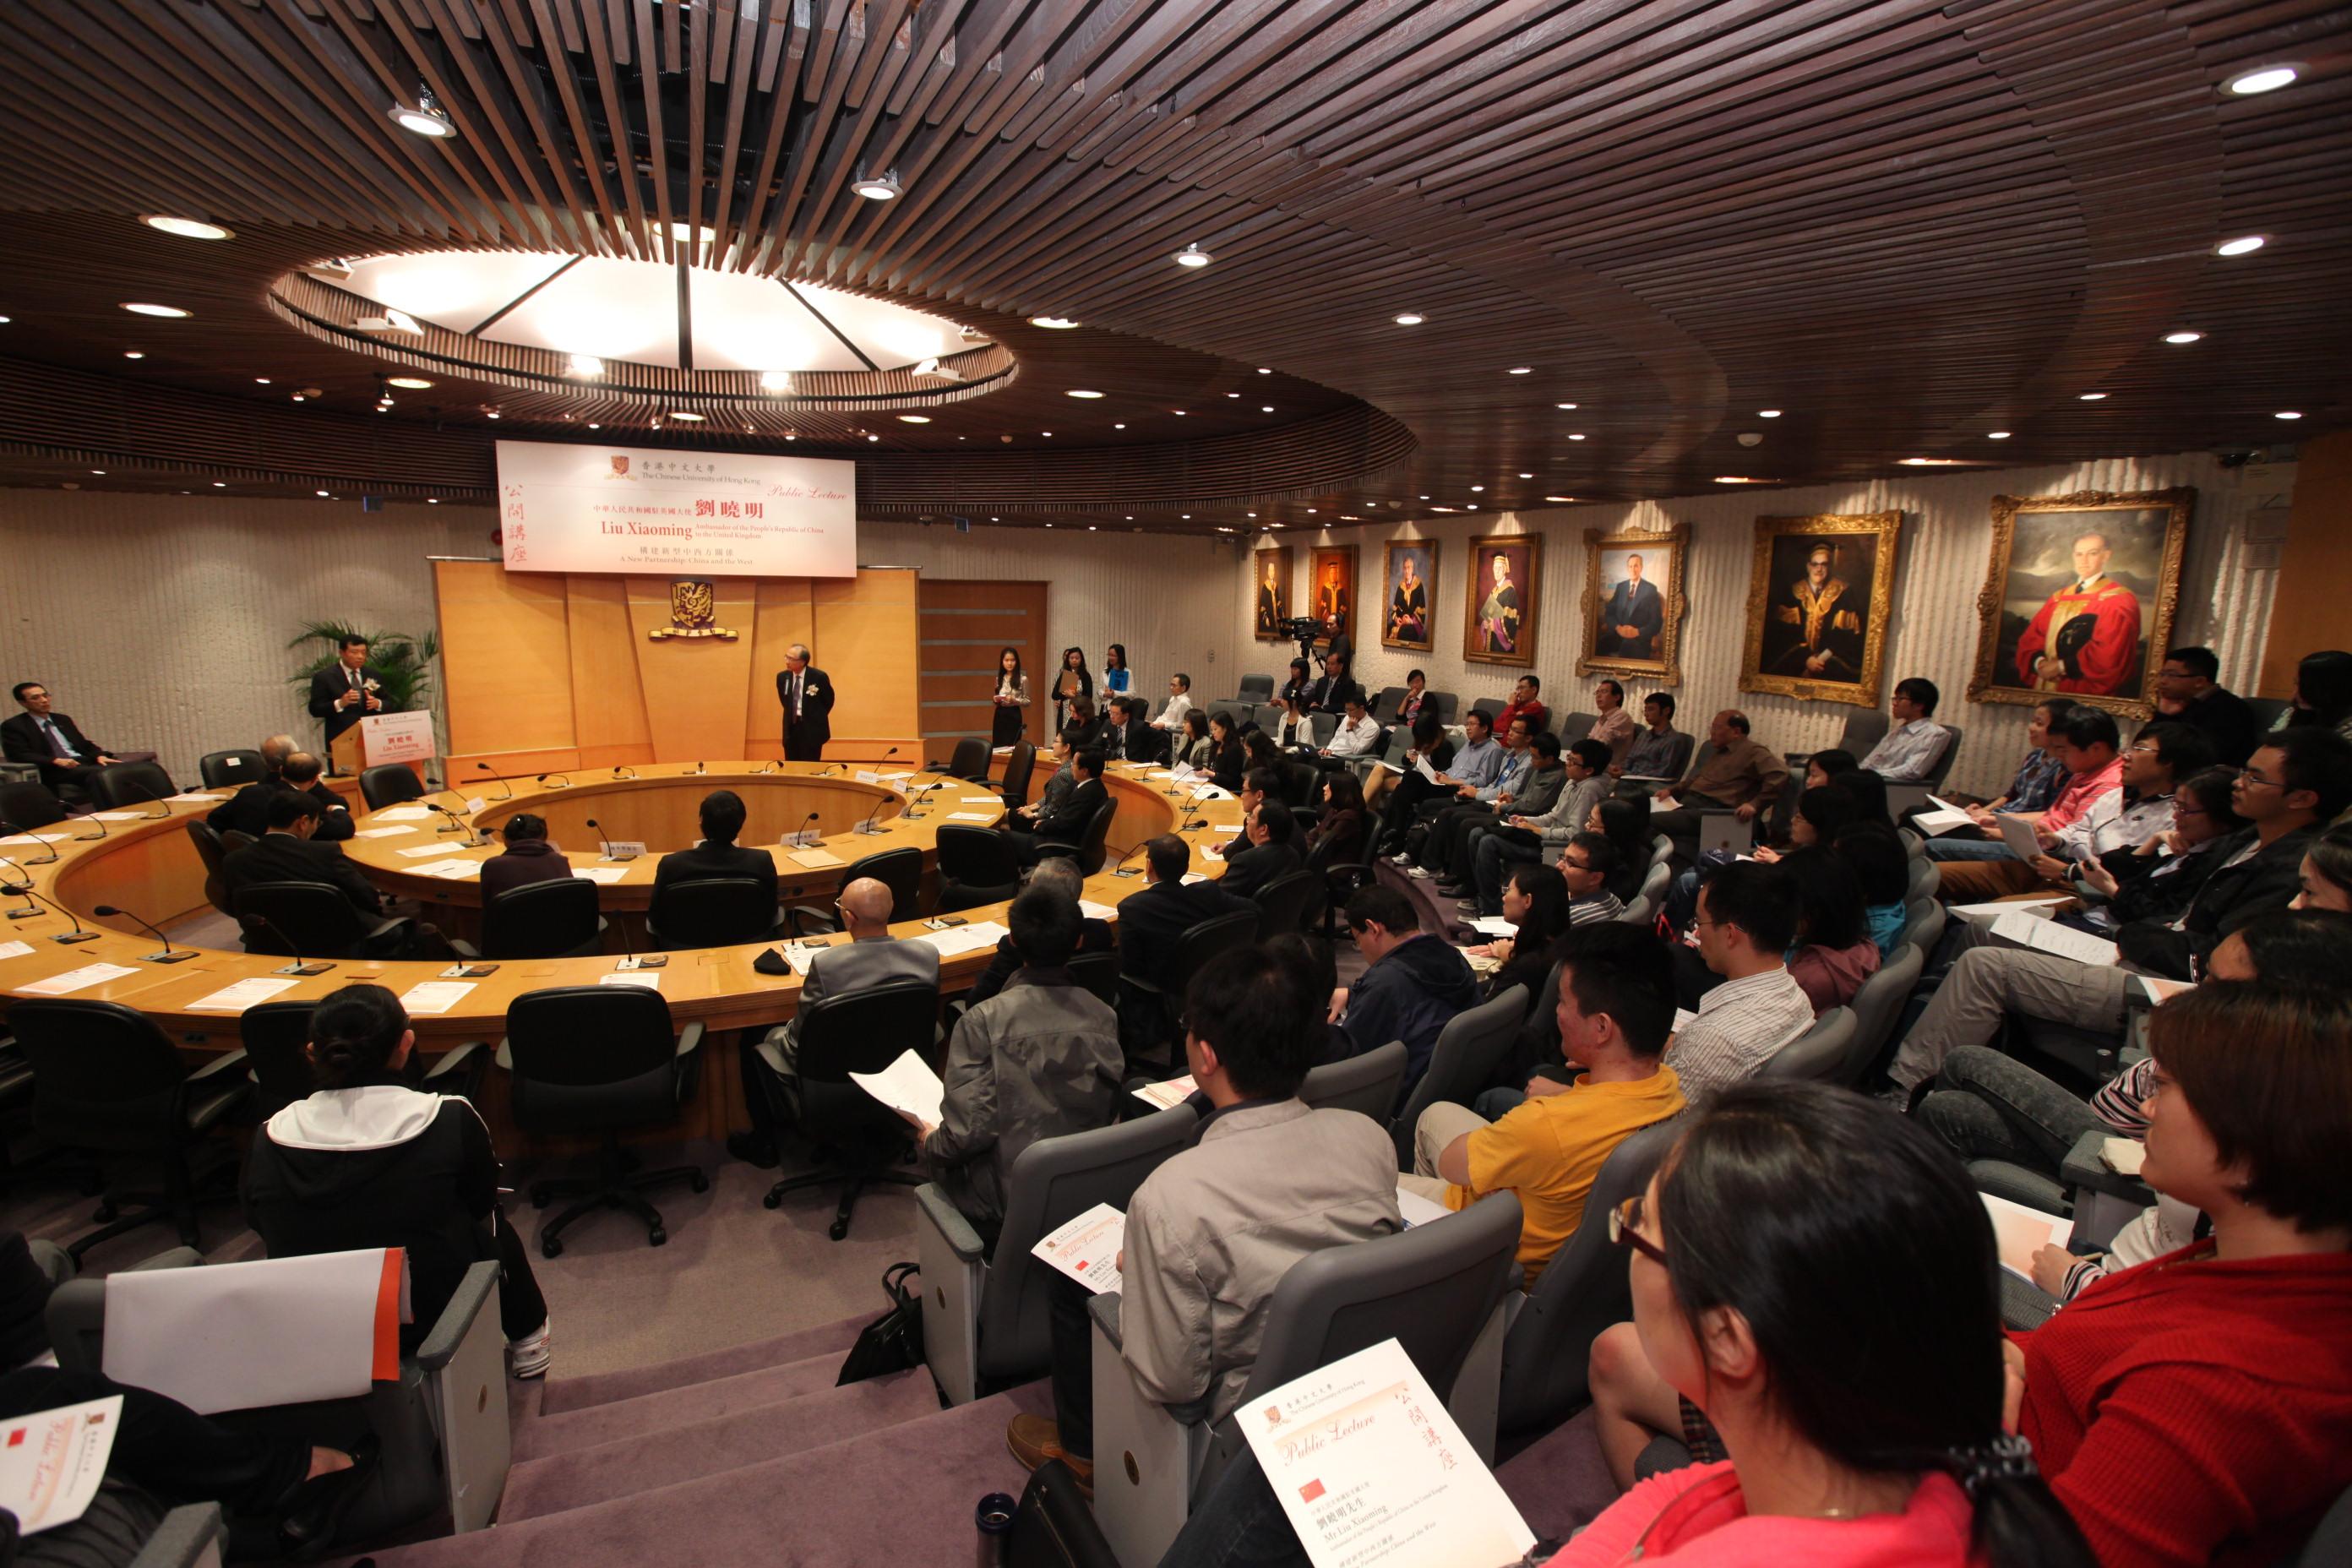 逾百名嘉宾出席讲座